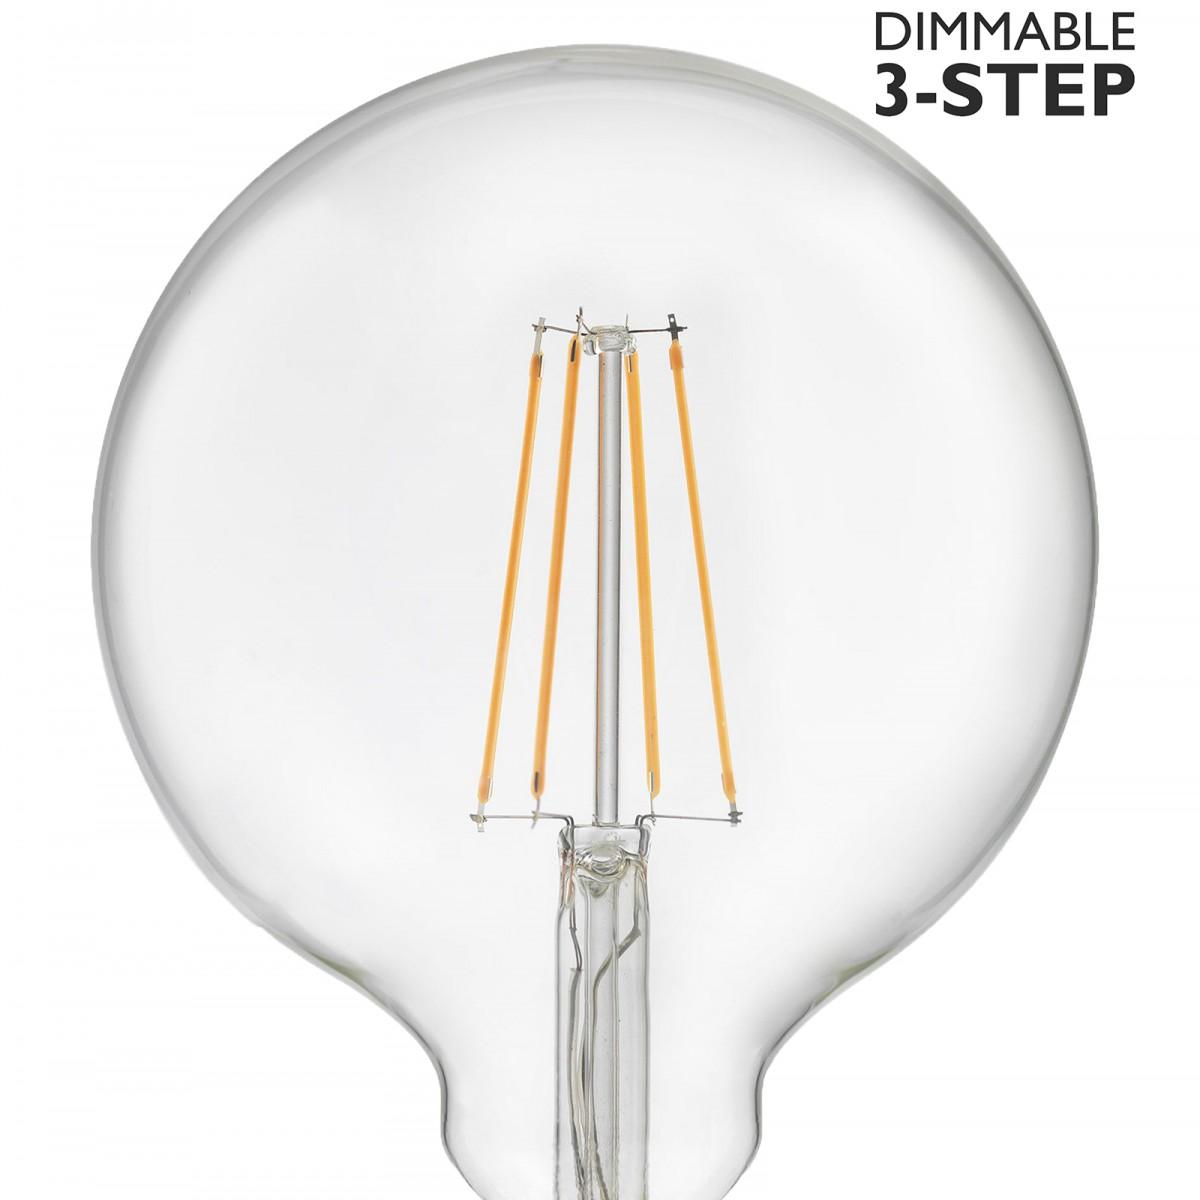 Bec LED dimabil L111, E27, 12.5cm, lumină caldă